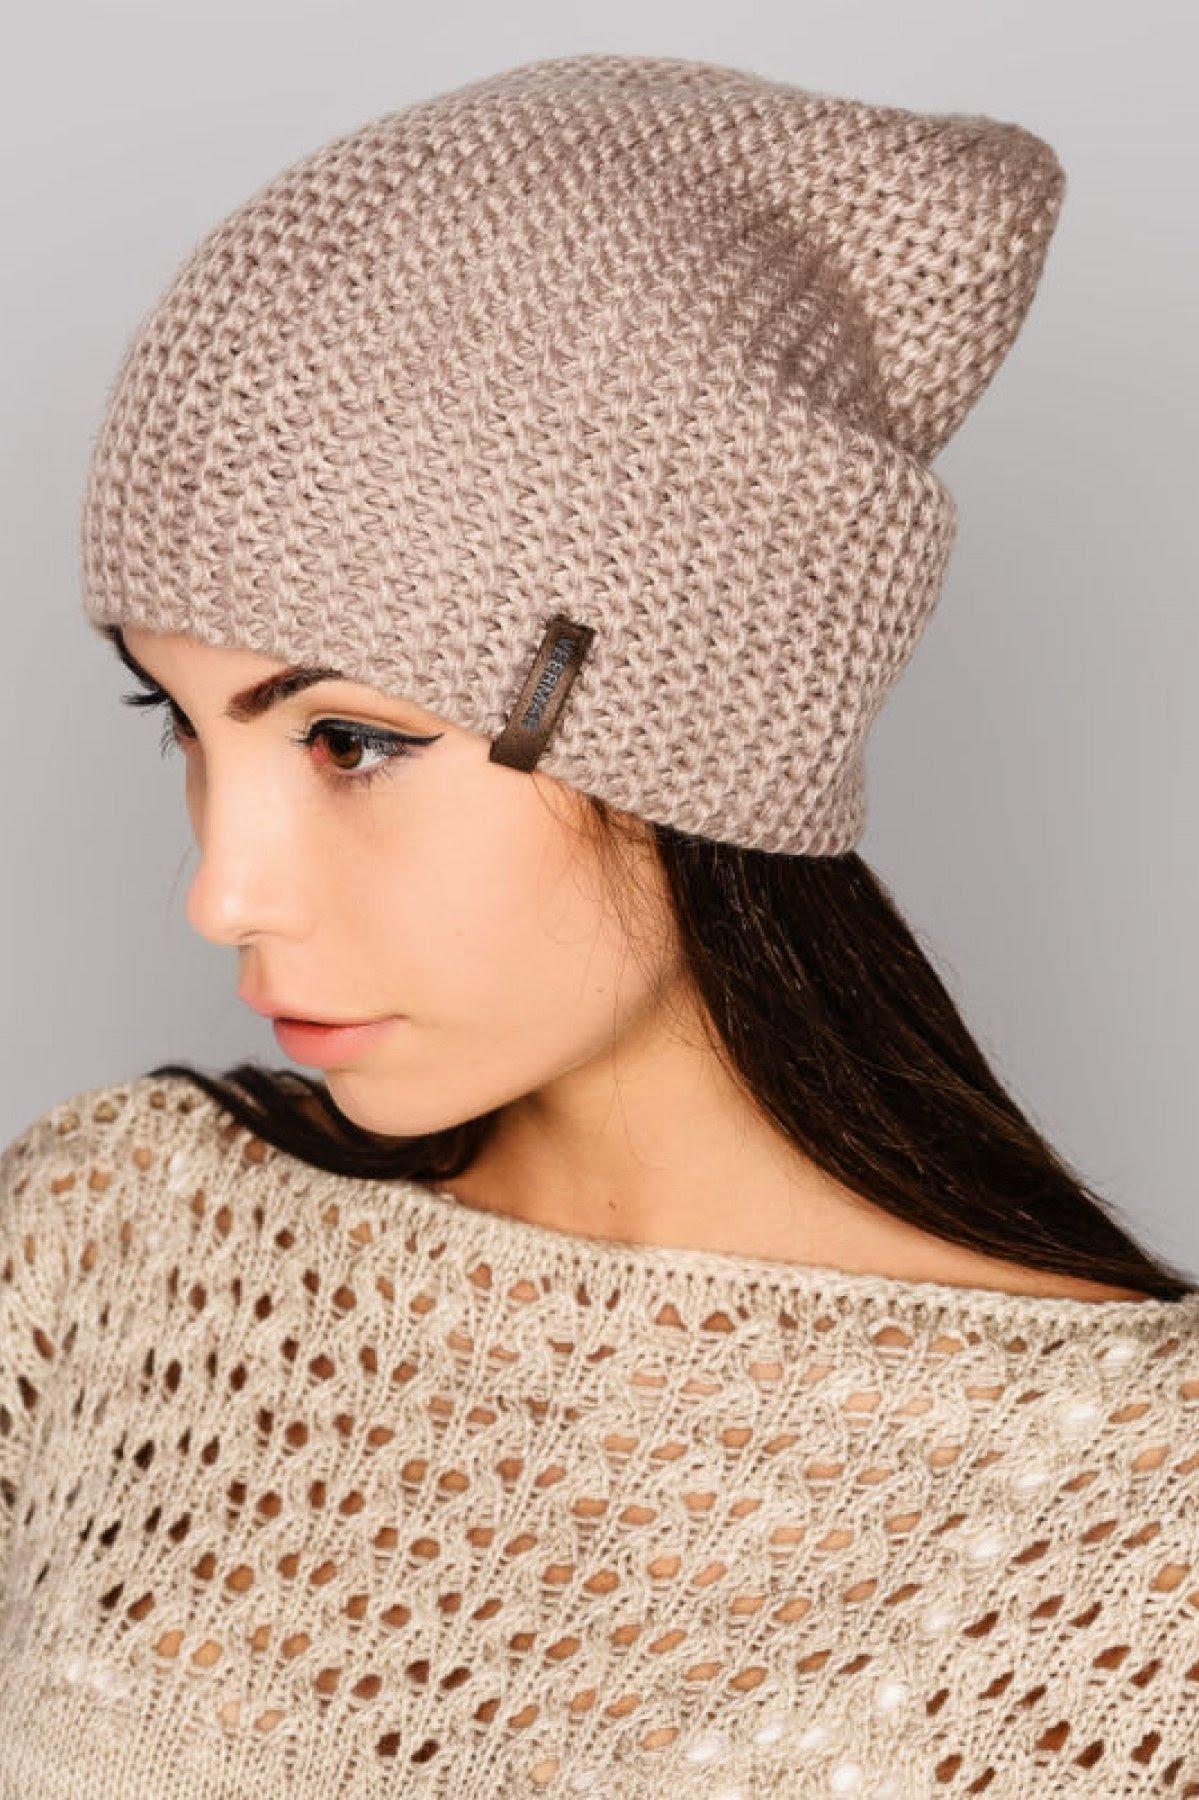 Вязание спицами шапки 2018 фото